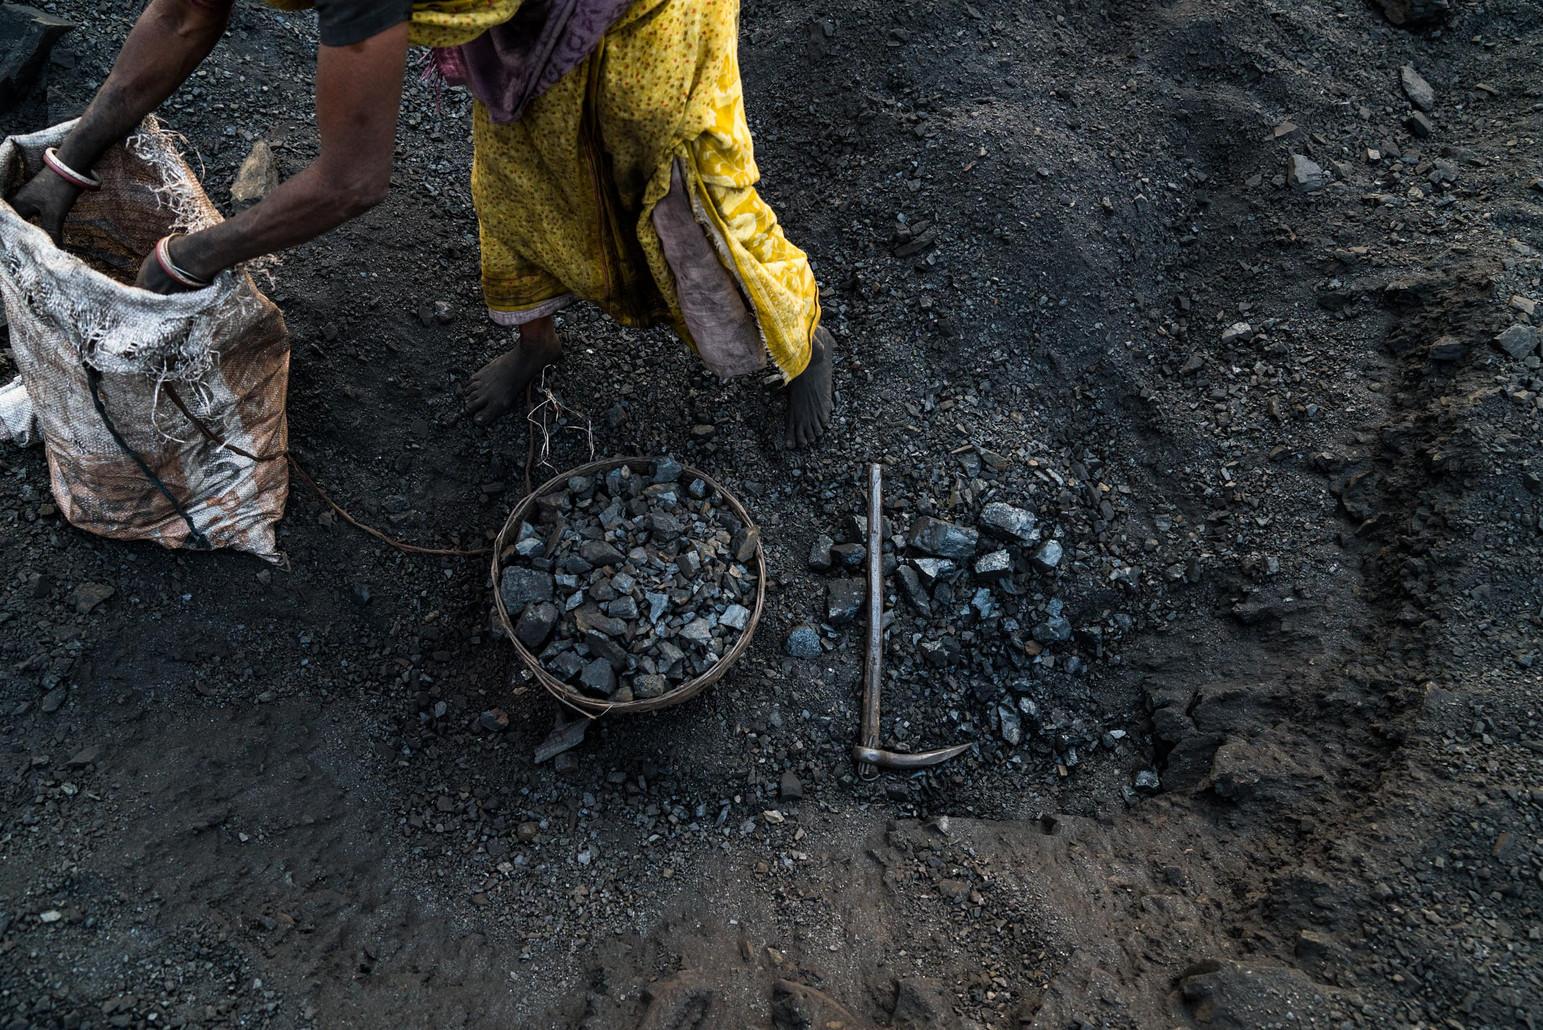 A Coal Miner's Tools